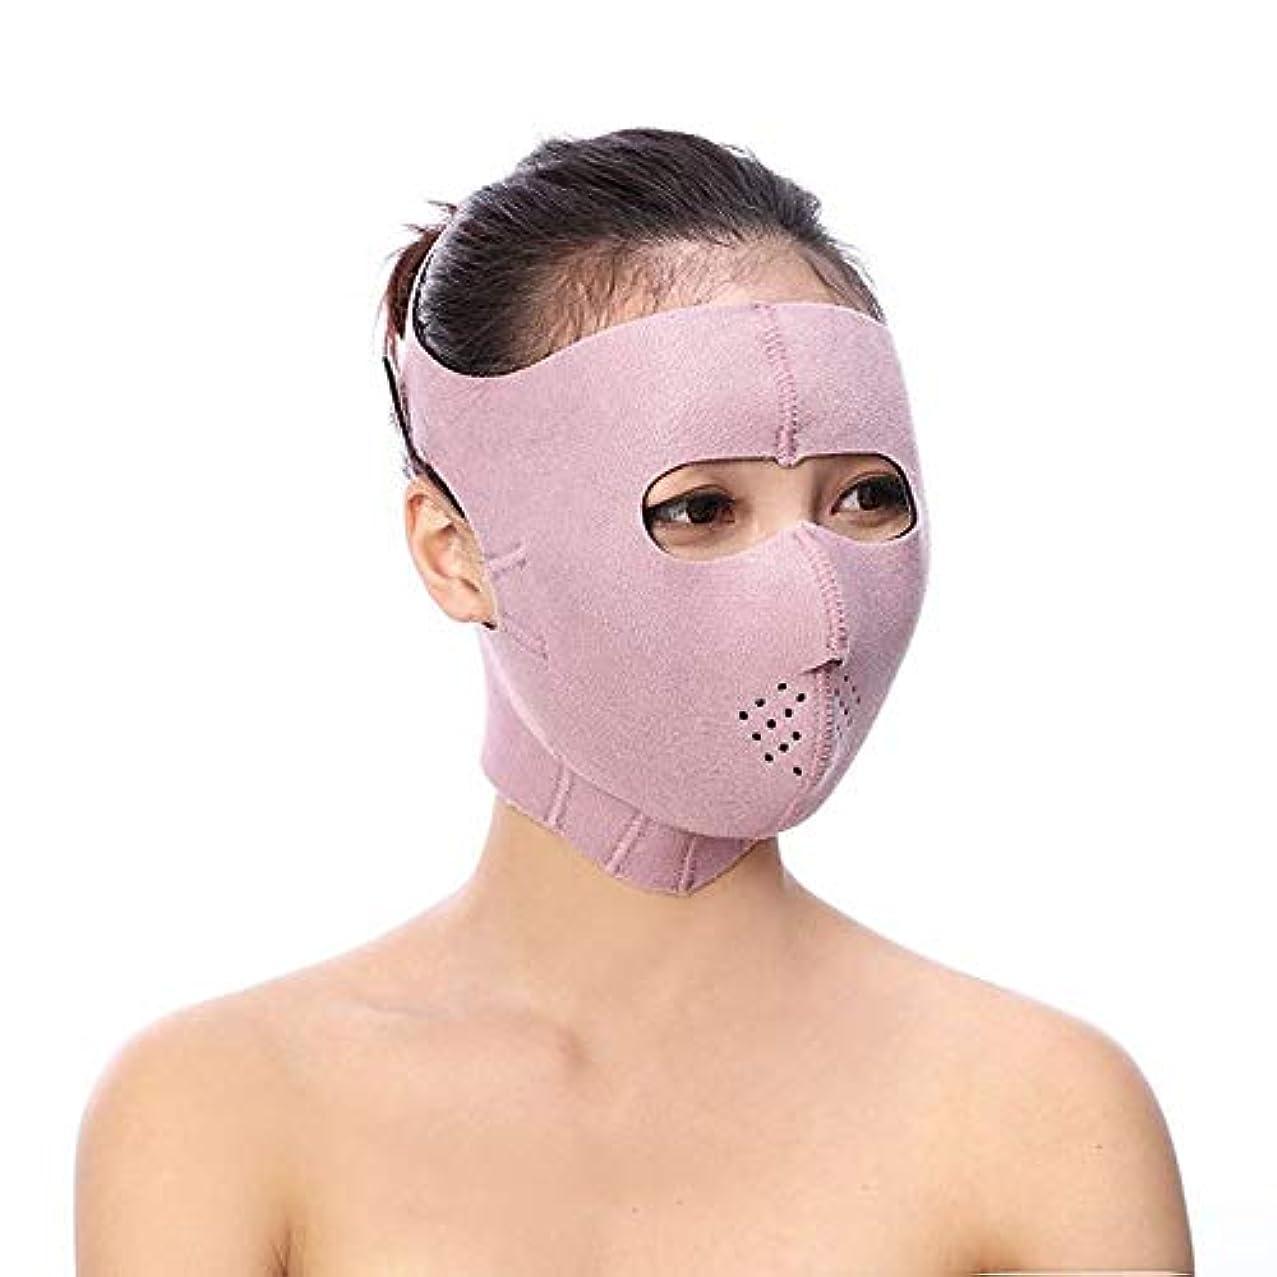 同性愛者感嘆符暫定フェイスリフティングベルト、フェイスリフティング包帯顔の形をしたV字形状により、睡眠の質が向上します。 (Color : Pink)